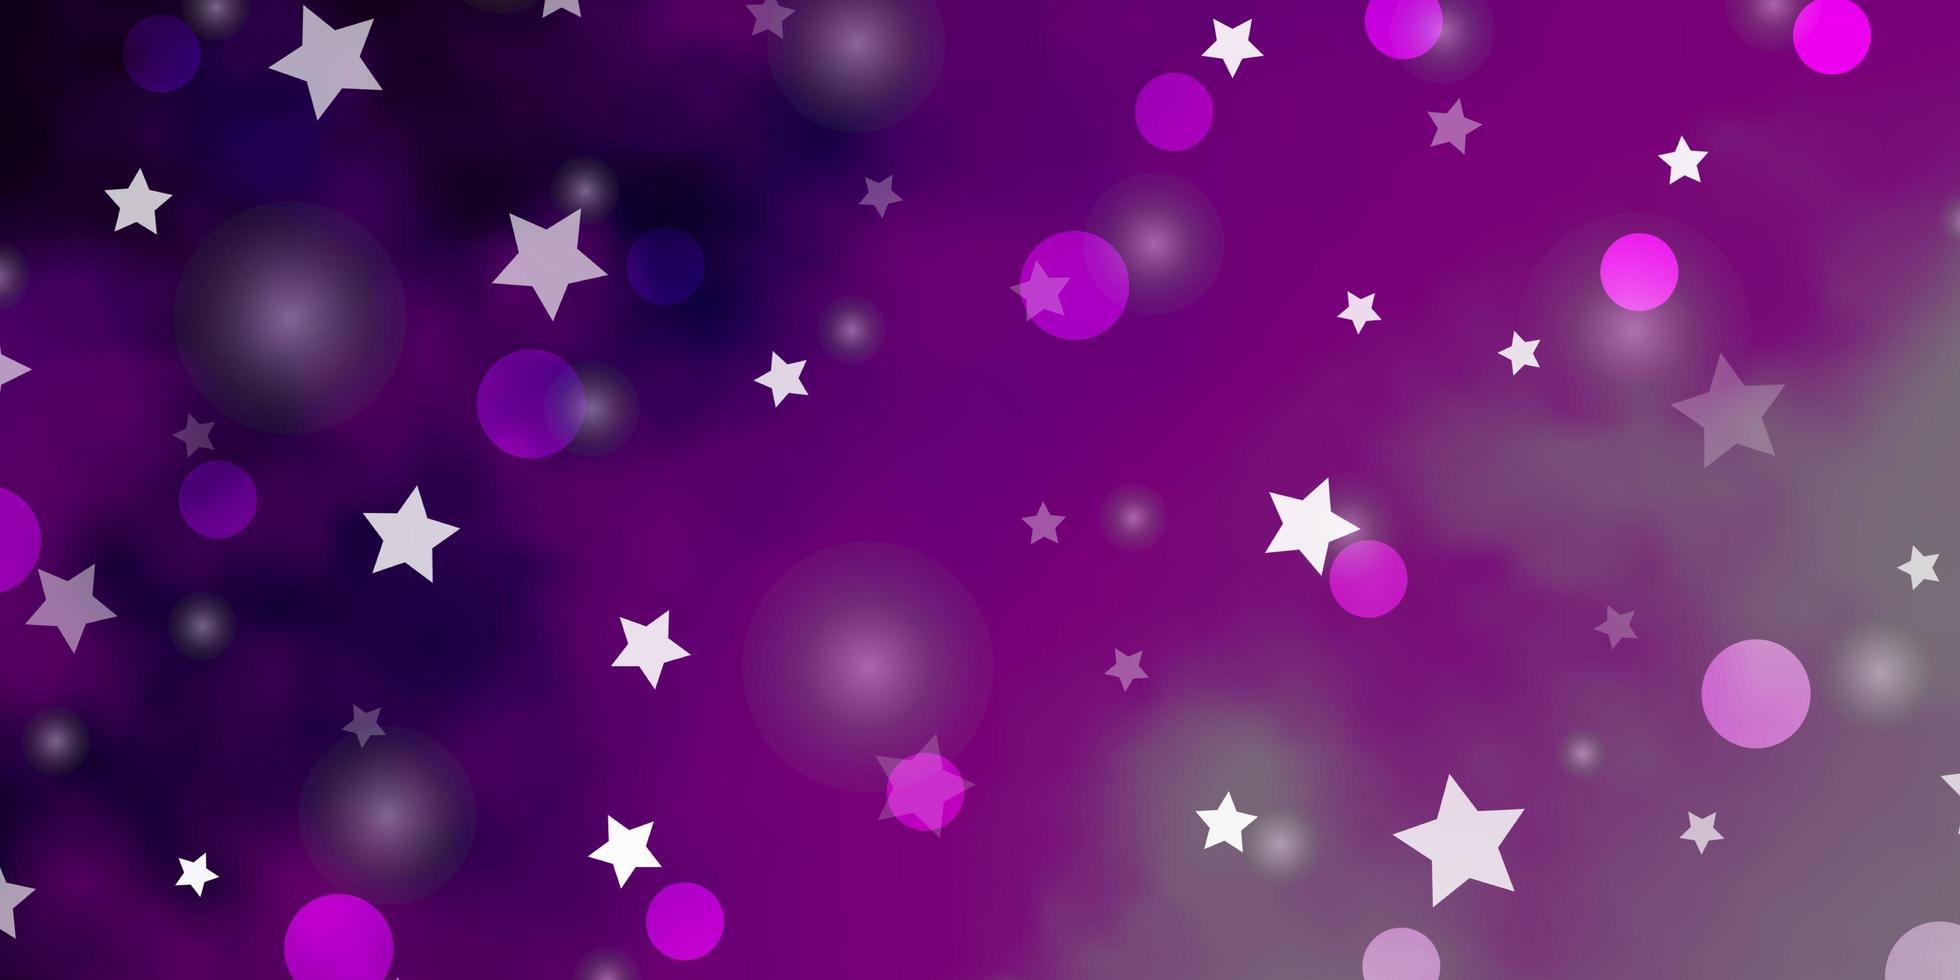 mise en page rose avec des cercles, des étoiles. vecteur